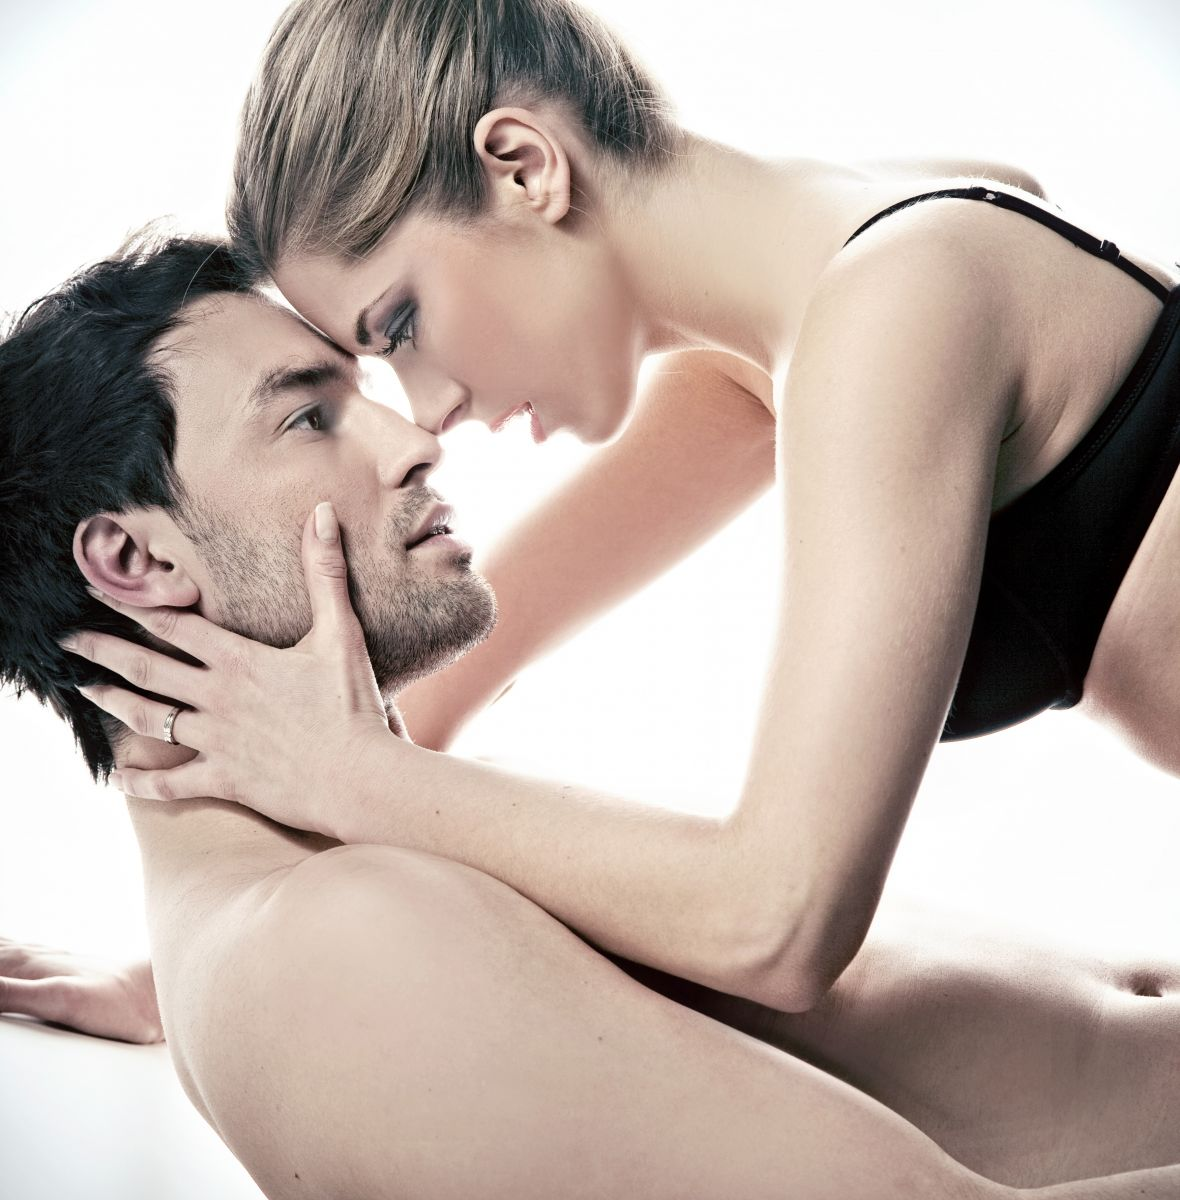 Секс для всех парней видео какие